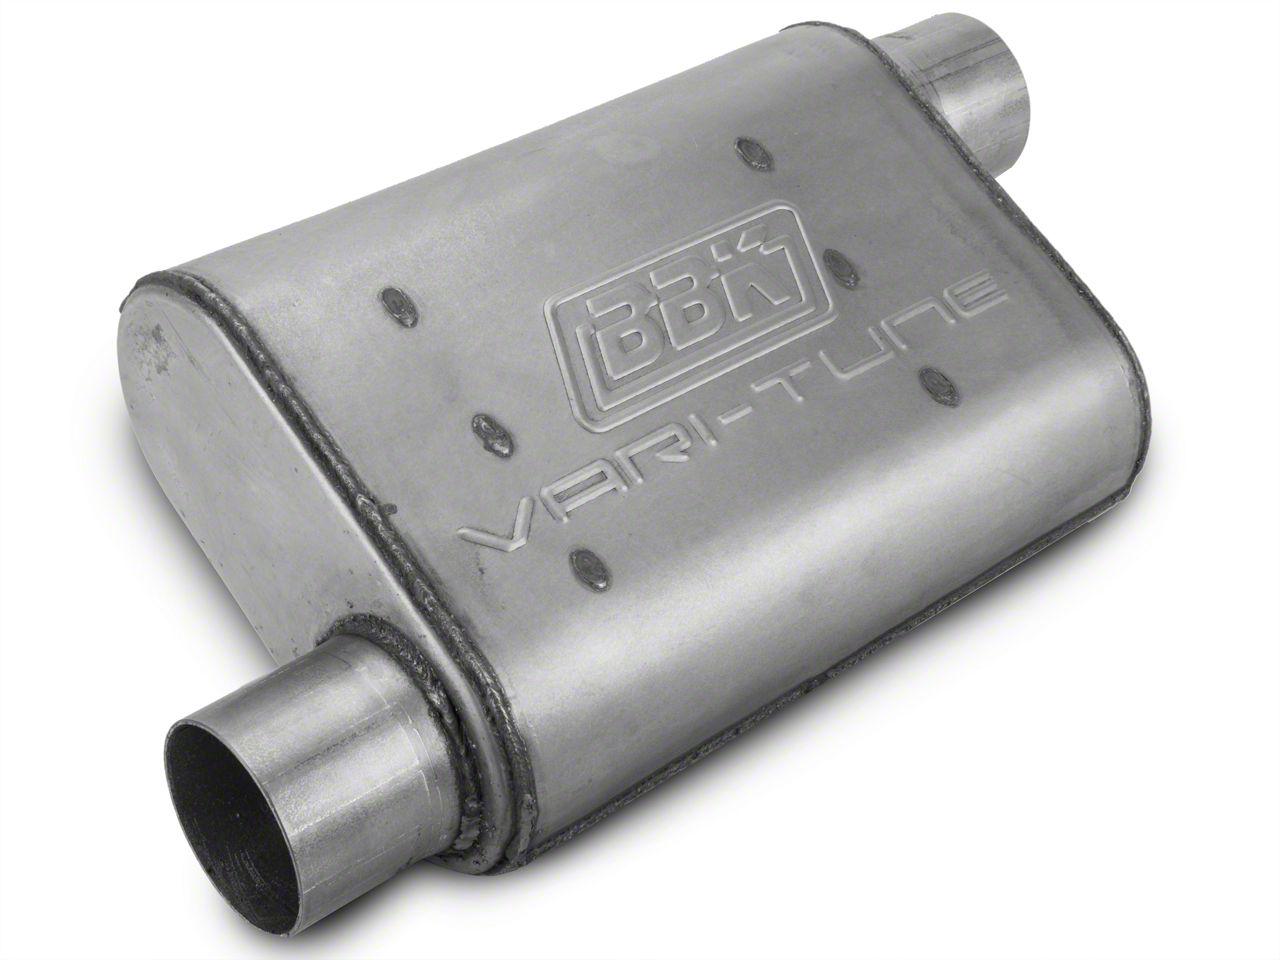 BBK Aluminized Varitune Offset/Offset Oval Muffler - 2.75 in. (Universal Fitment)